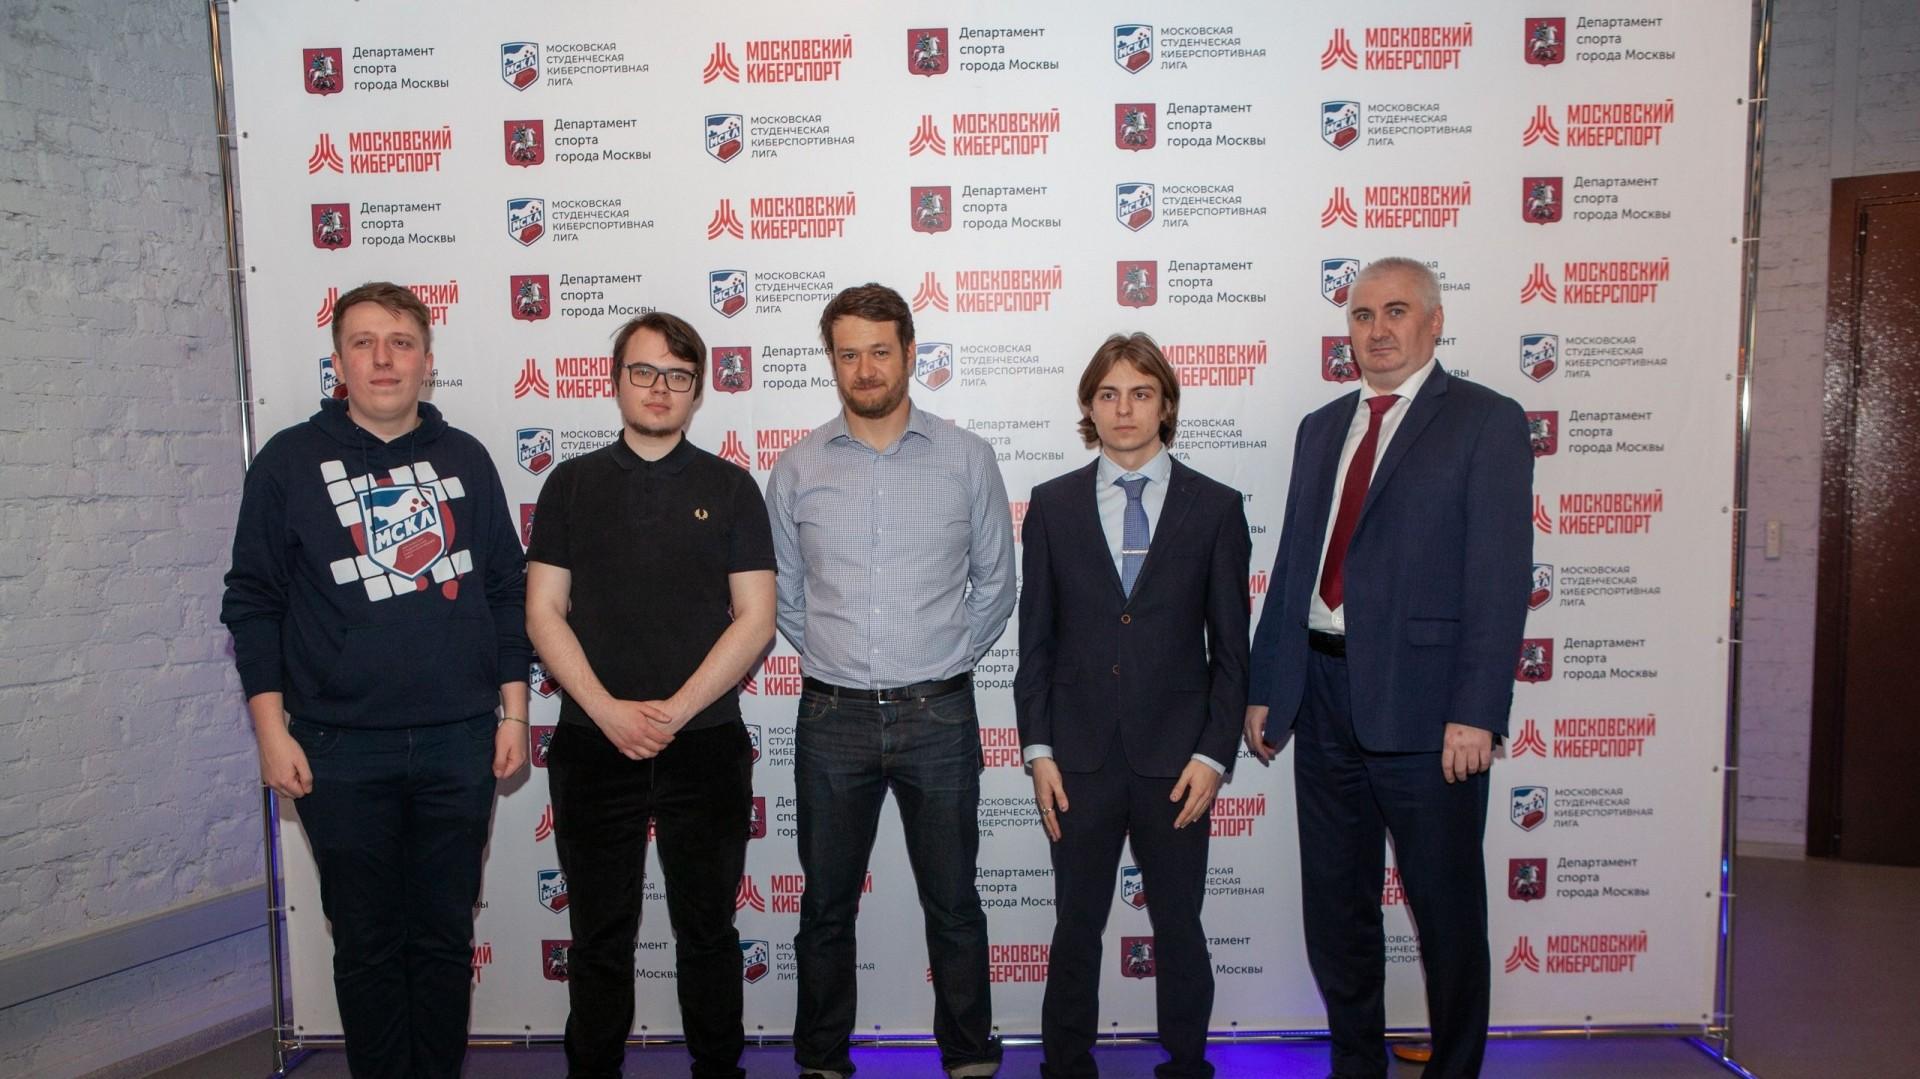 Осенний сезон Московской студенческой киберспортивной лиги будет открыт для всех вузов России